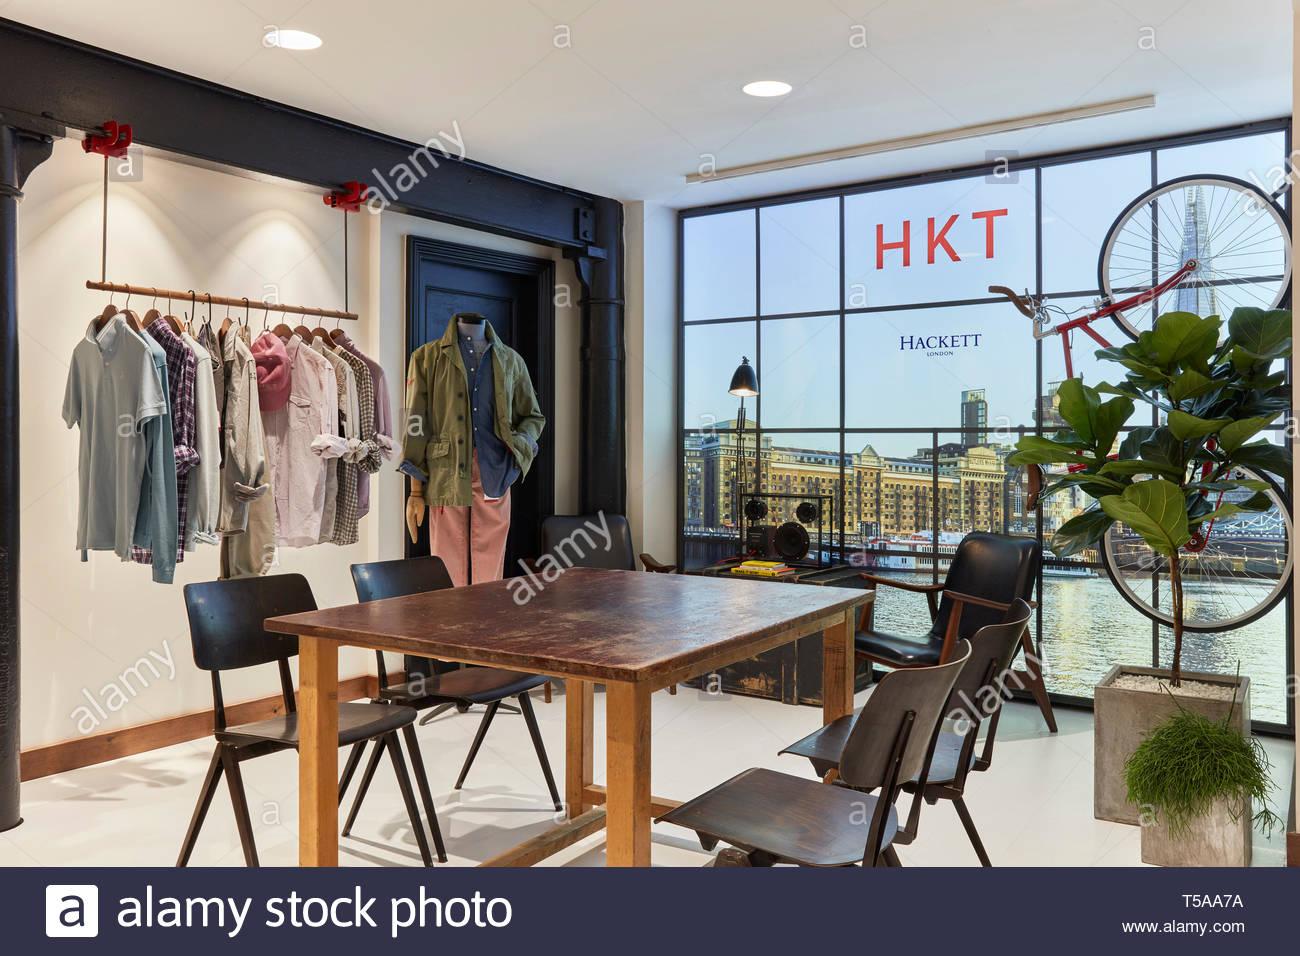 Tabella nella showroom. HKT Showroom, Londra, Regno Unito. Architetto: N/A, 2019. Foto Stock